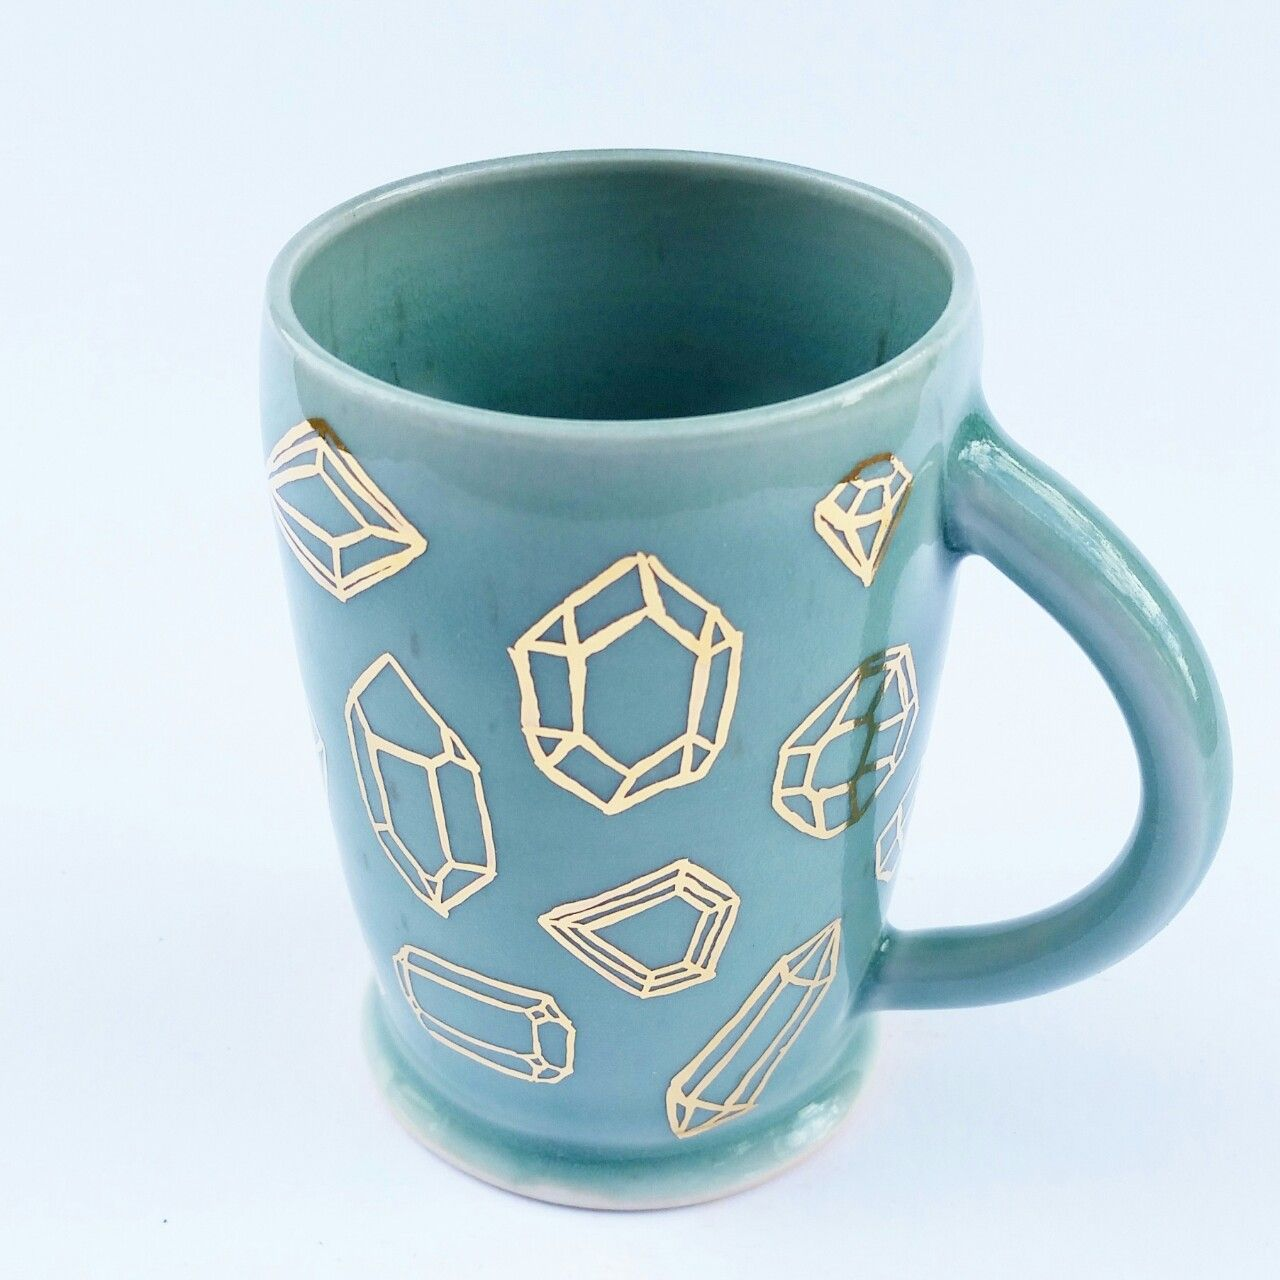 Silver Lining Ceramics Mugs Ceramics Cute Mugs